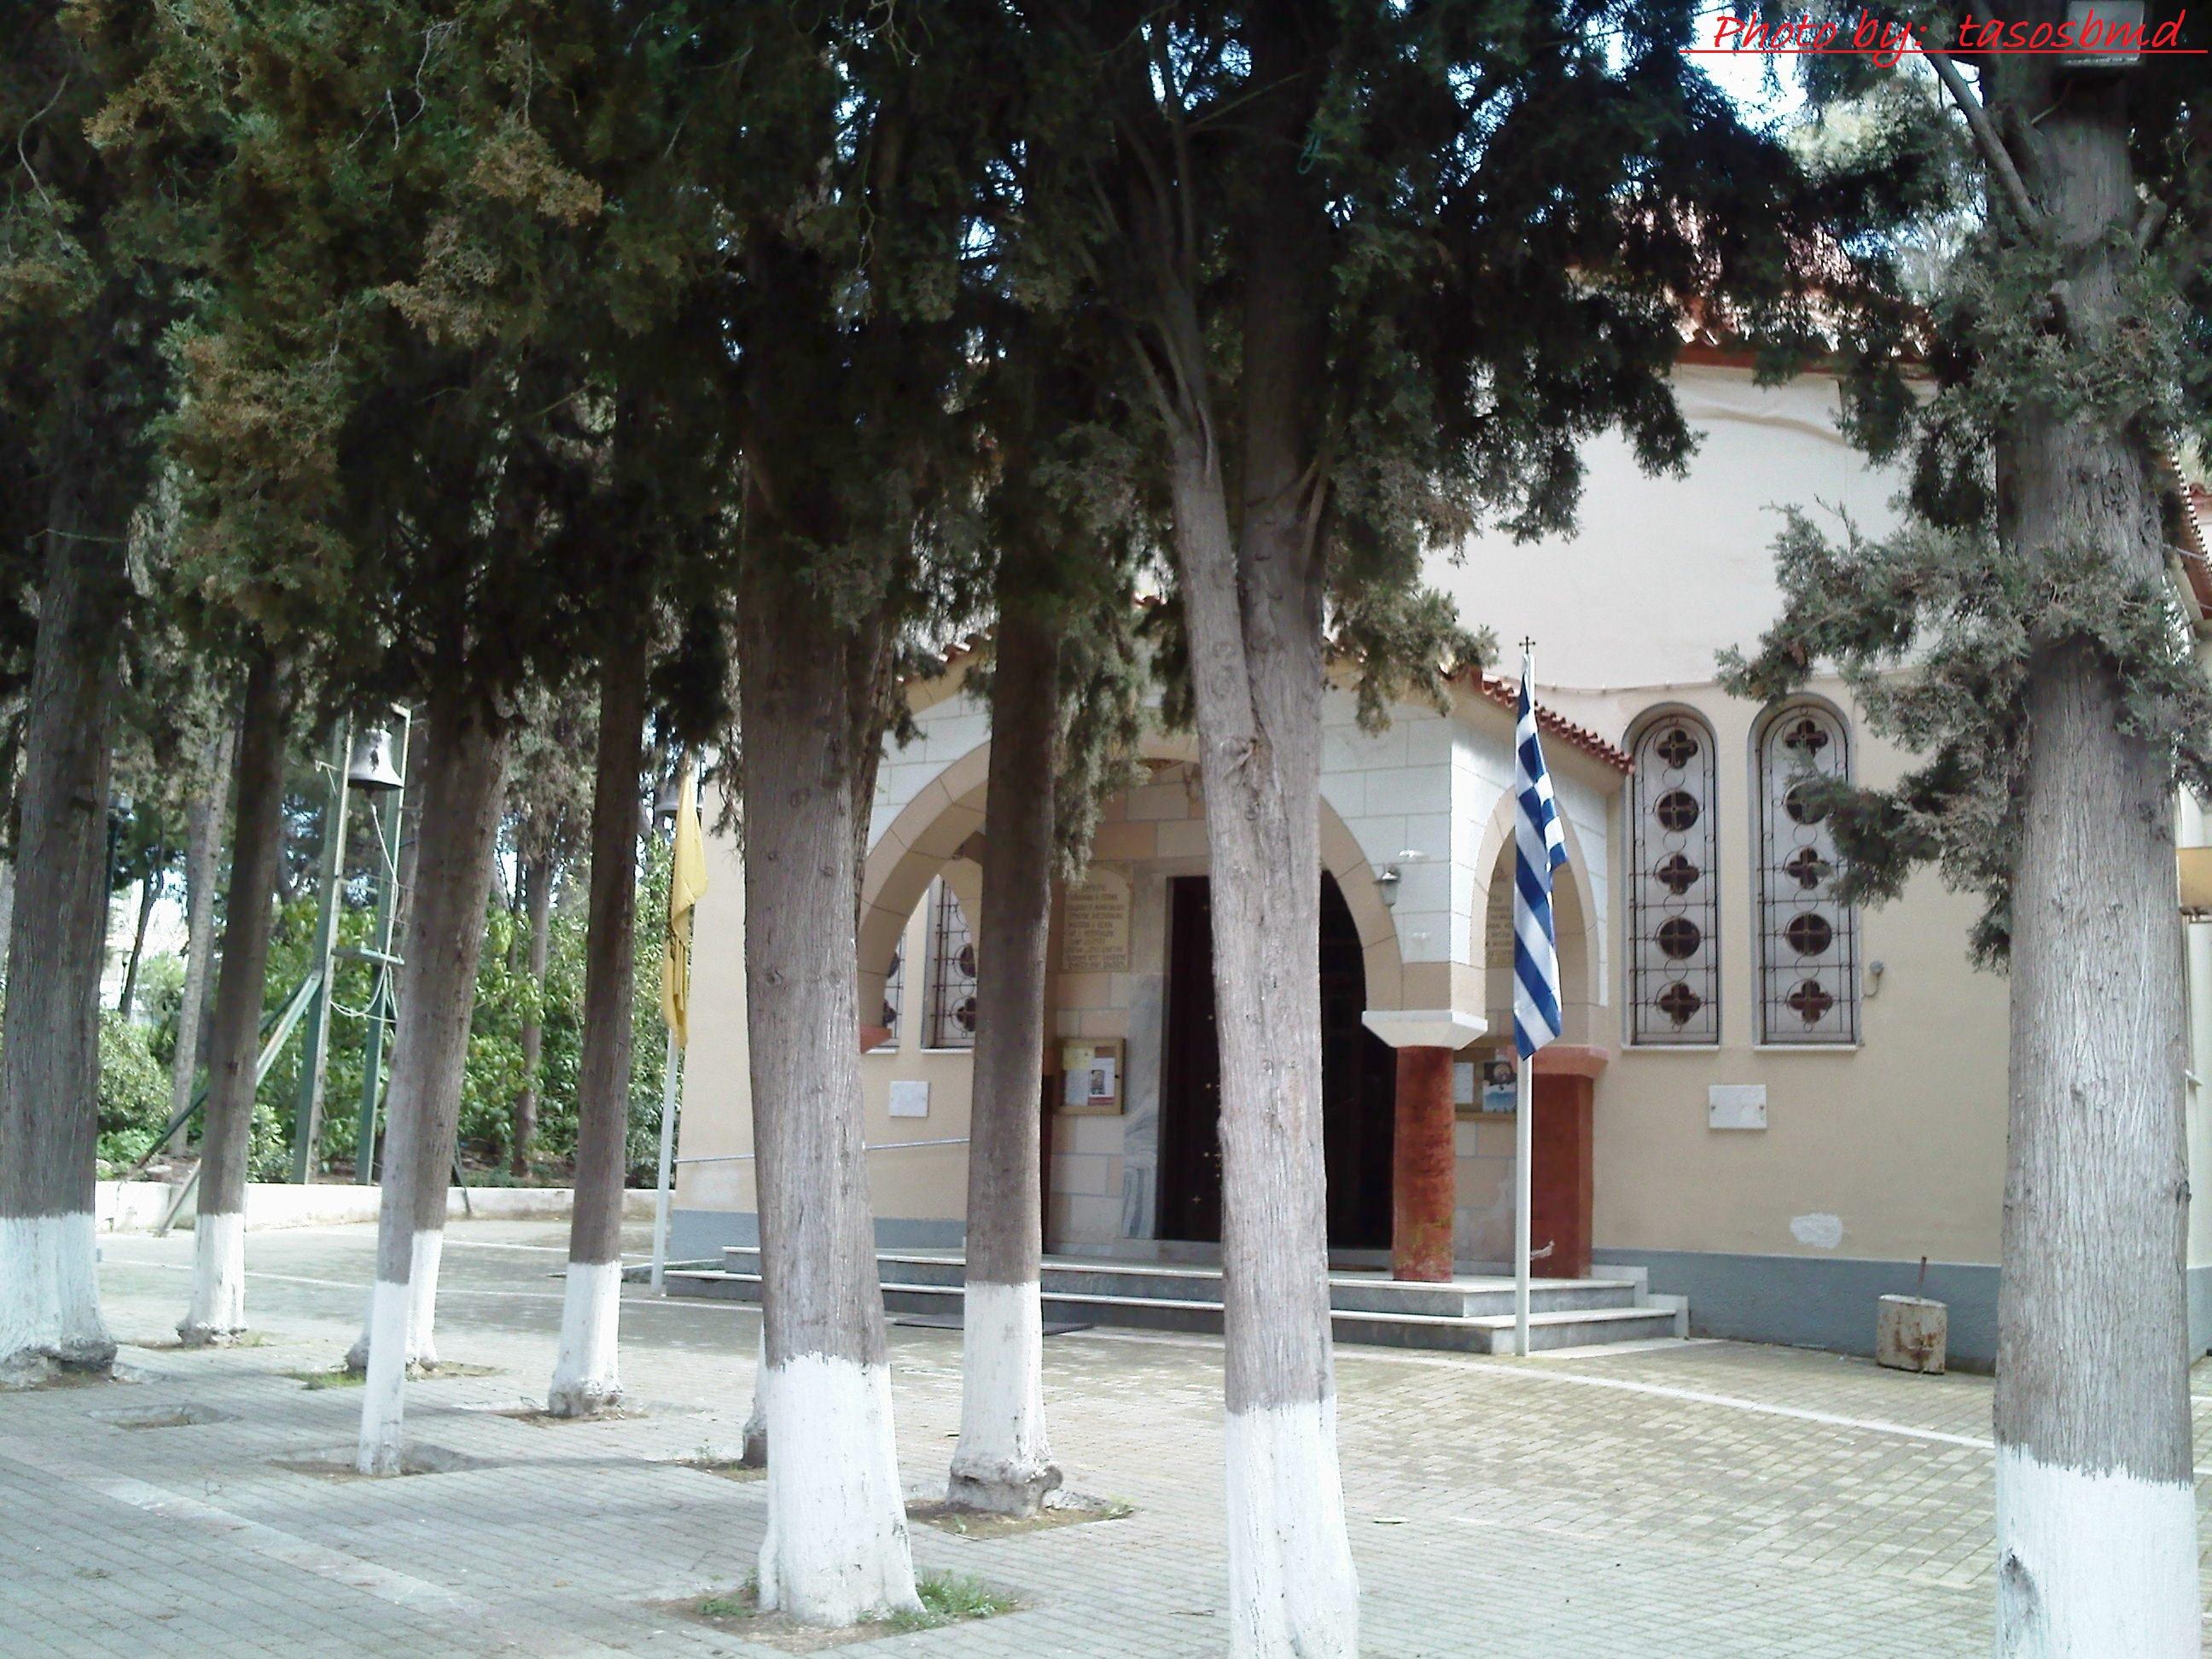 Ιερός Ναός Αγίου Χαραλάμπους Πολυγώνου - Αθήνα